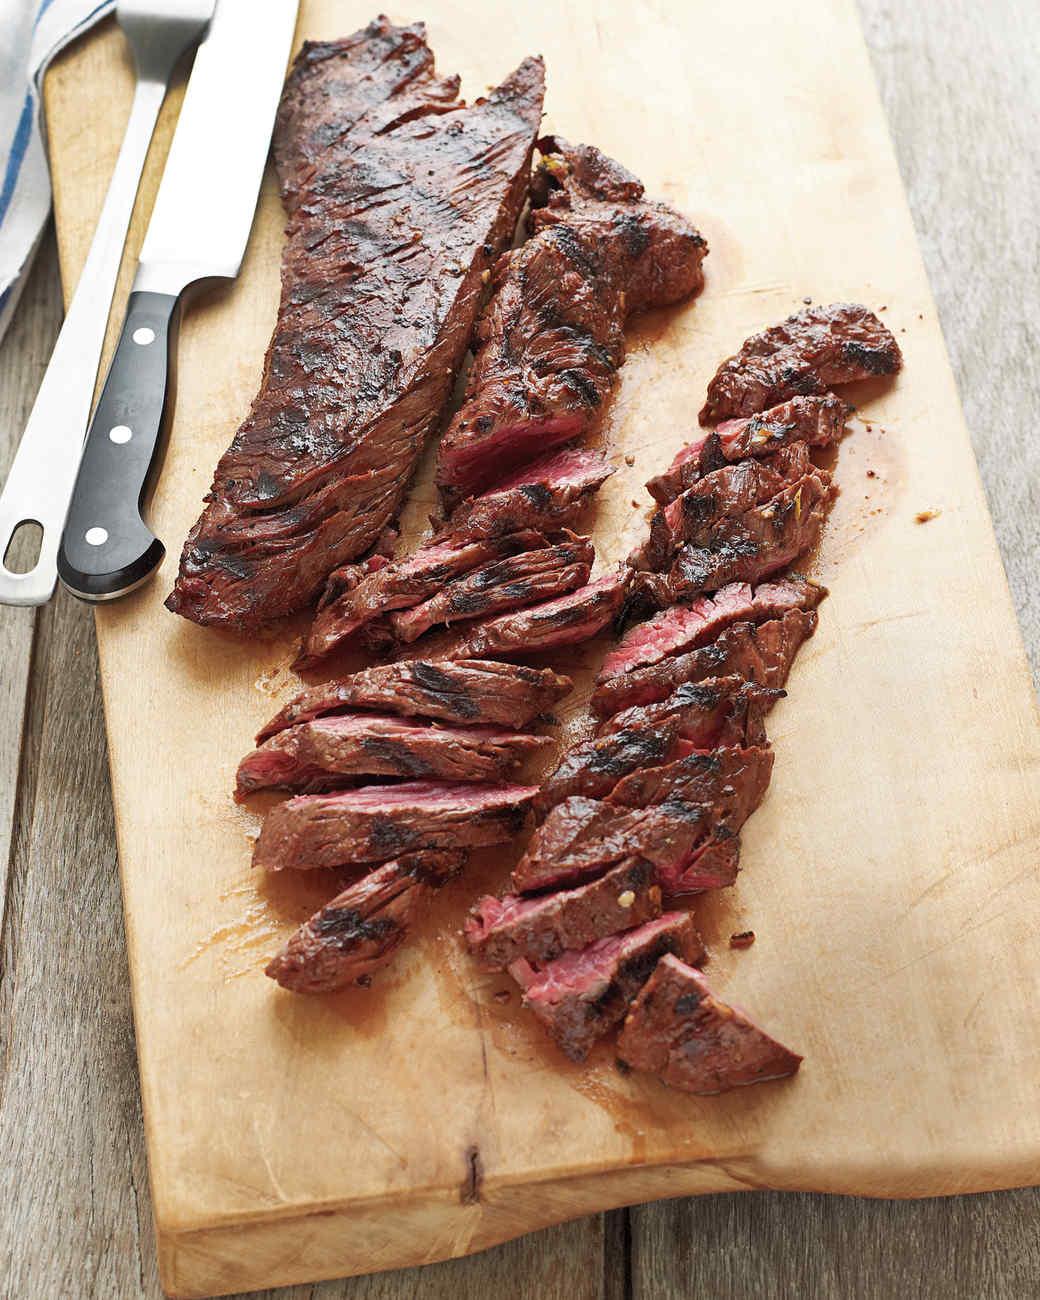 hanger-steak-2-mld108722.jpg